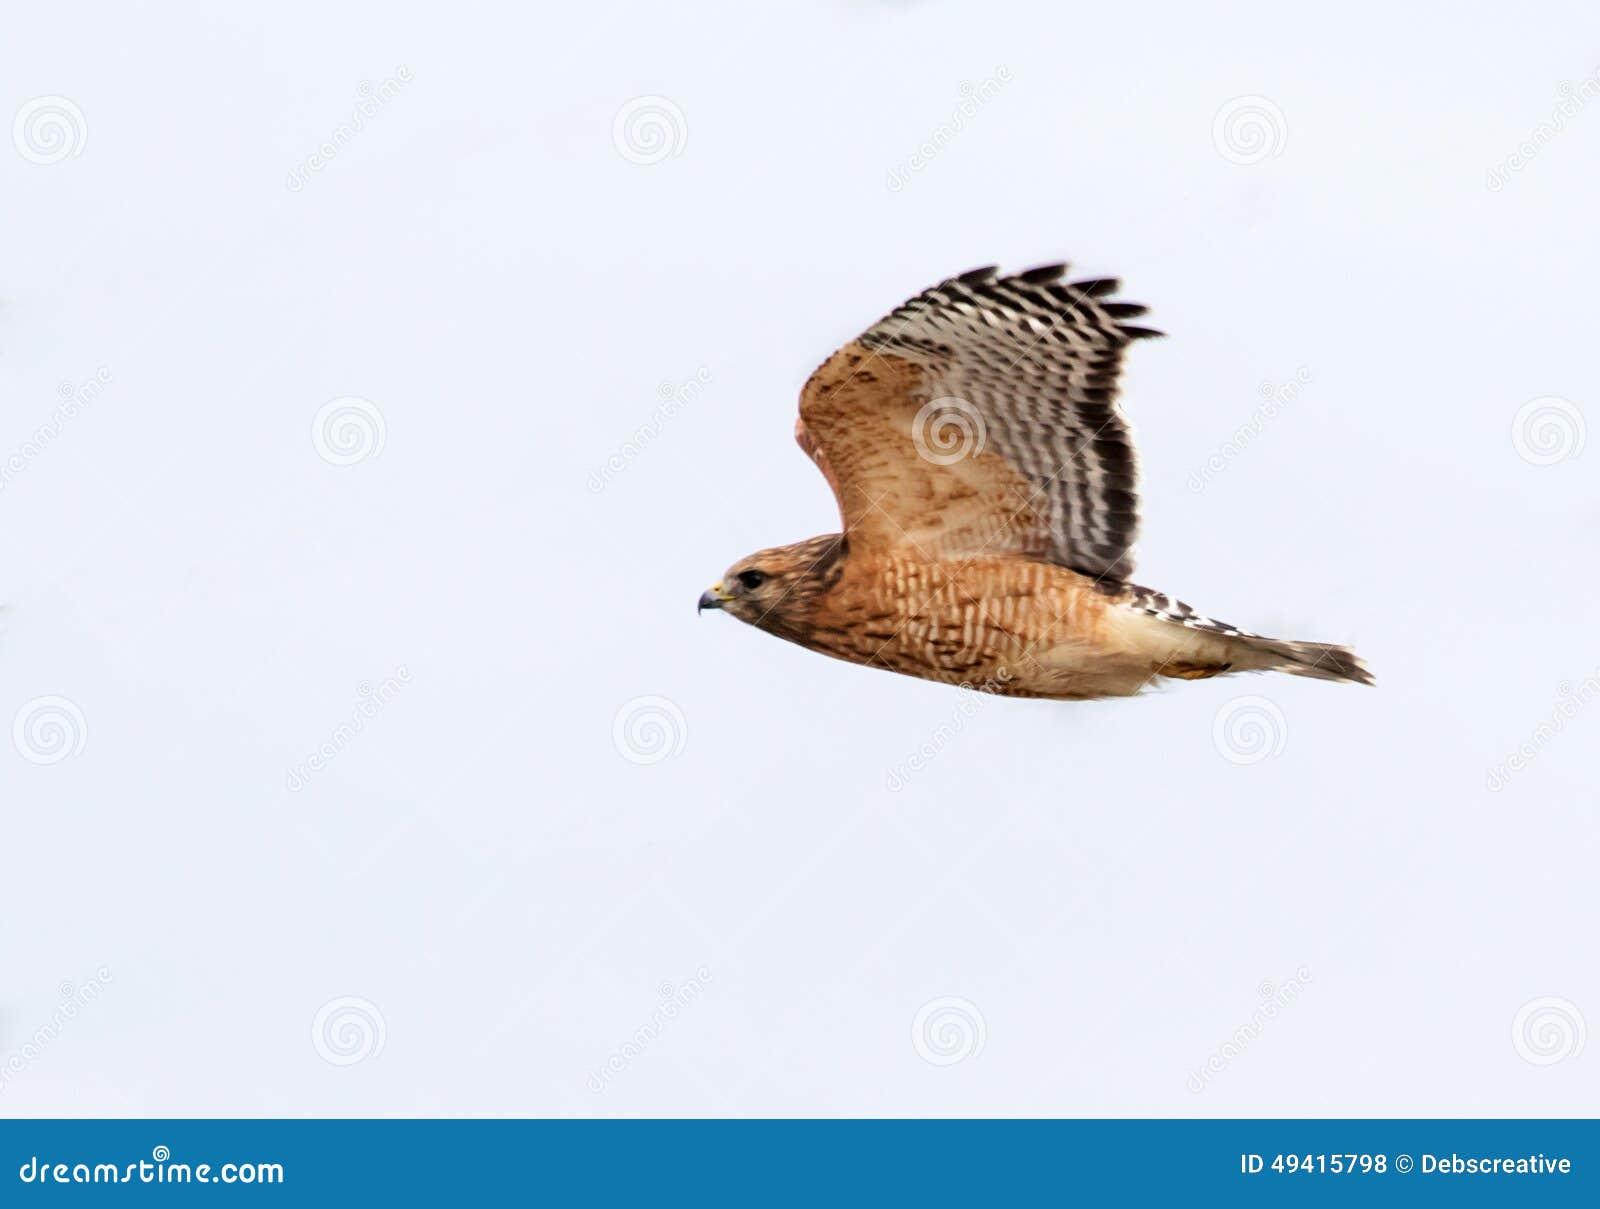 Download Roter geschulterter Falke stockfoto. Bild von braun, augen - 49415798